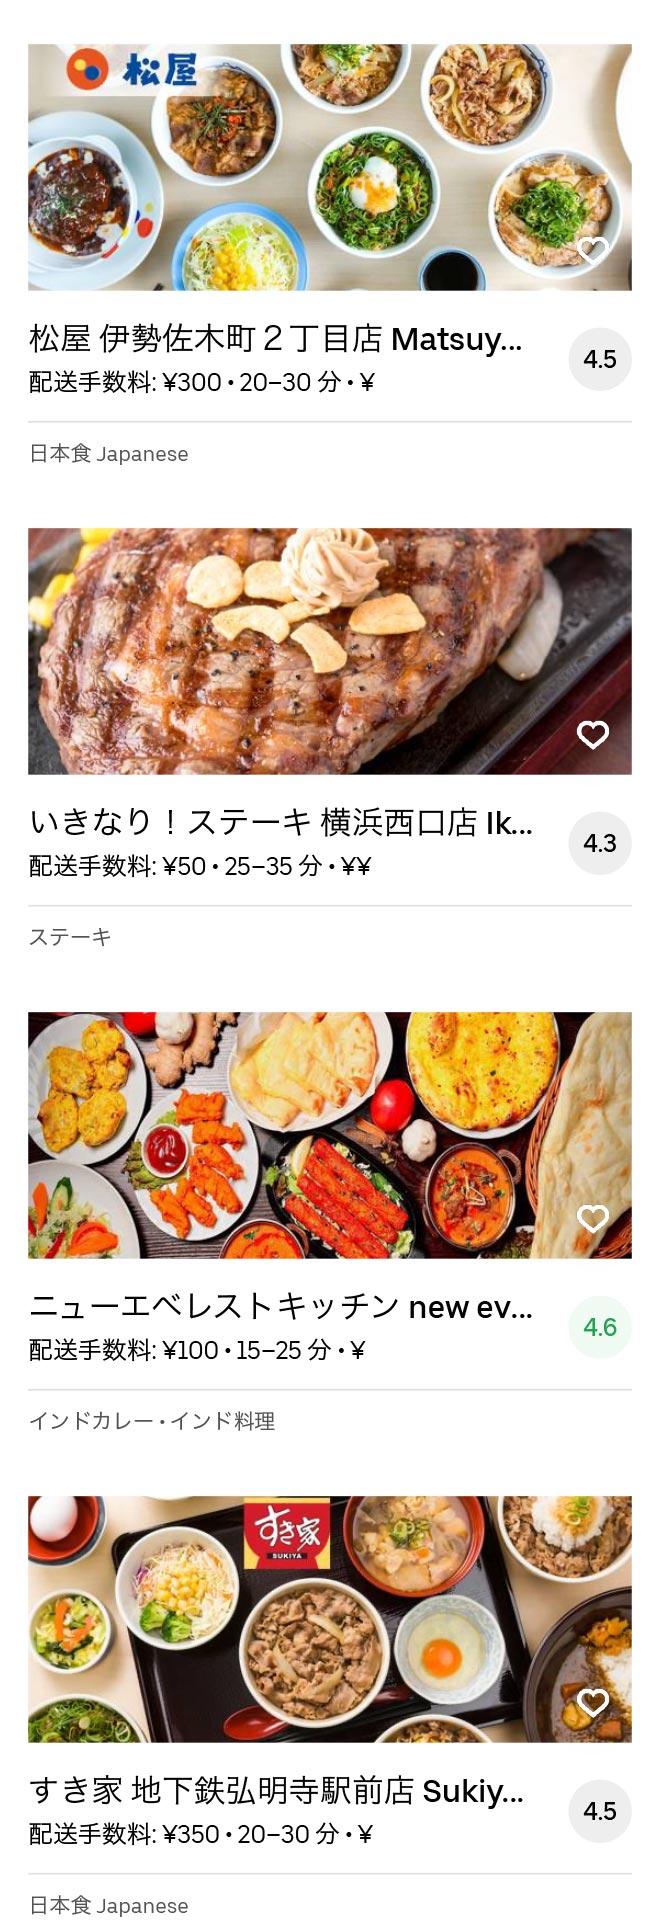 Yokohama hodogaya menu 2004 12